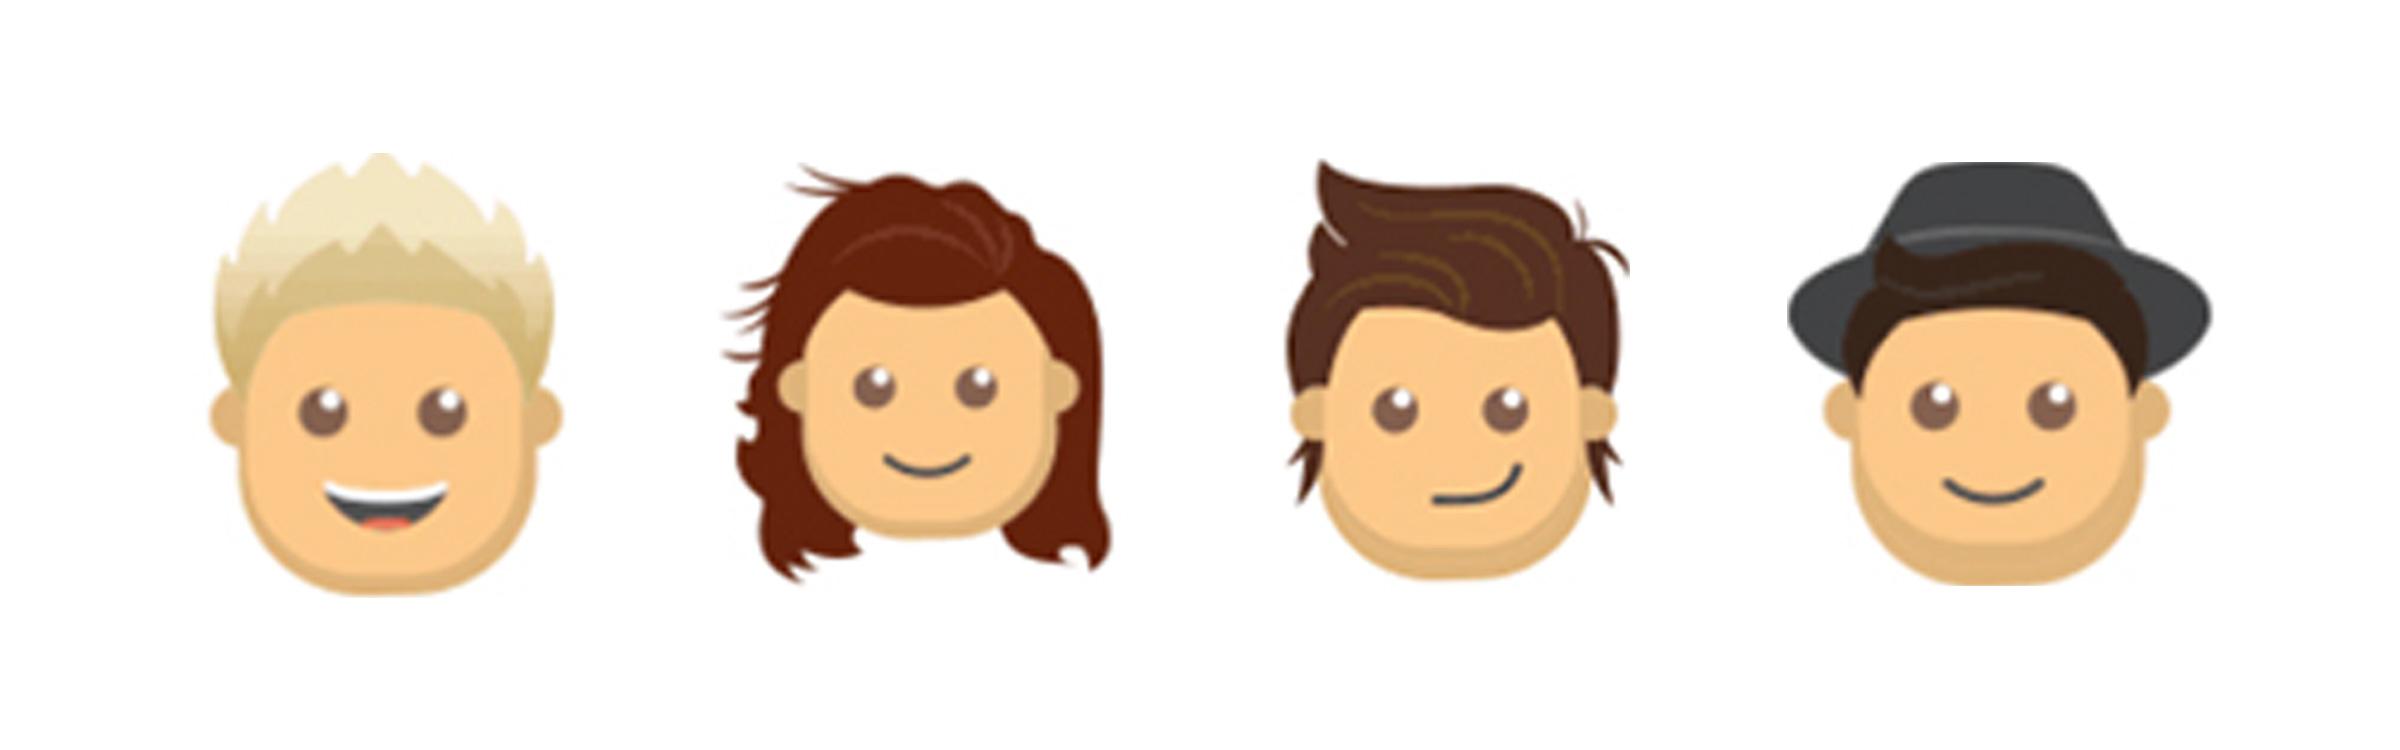 Emoji2